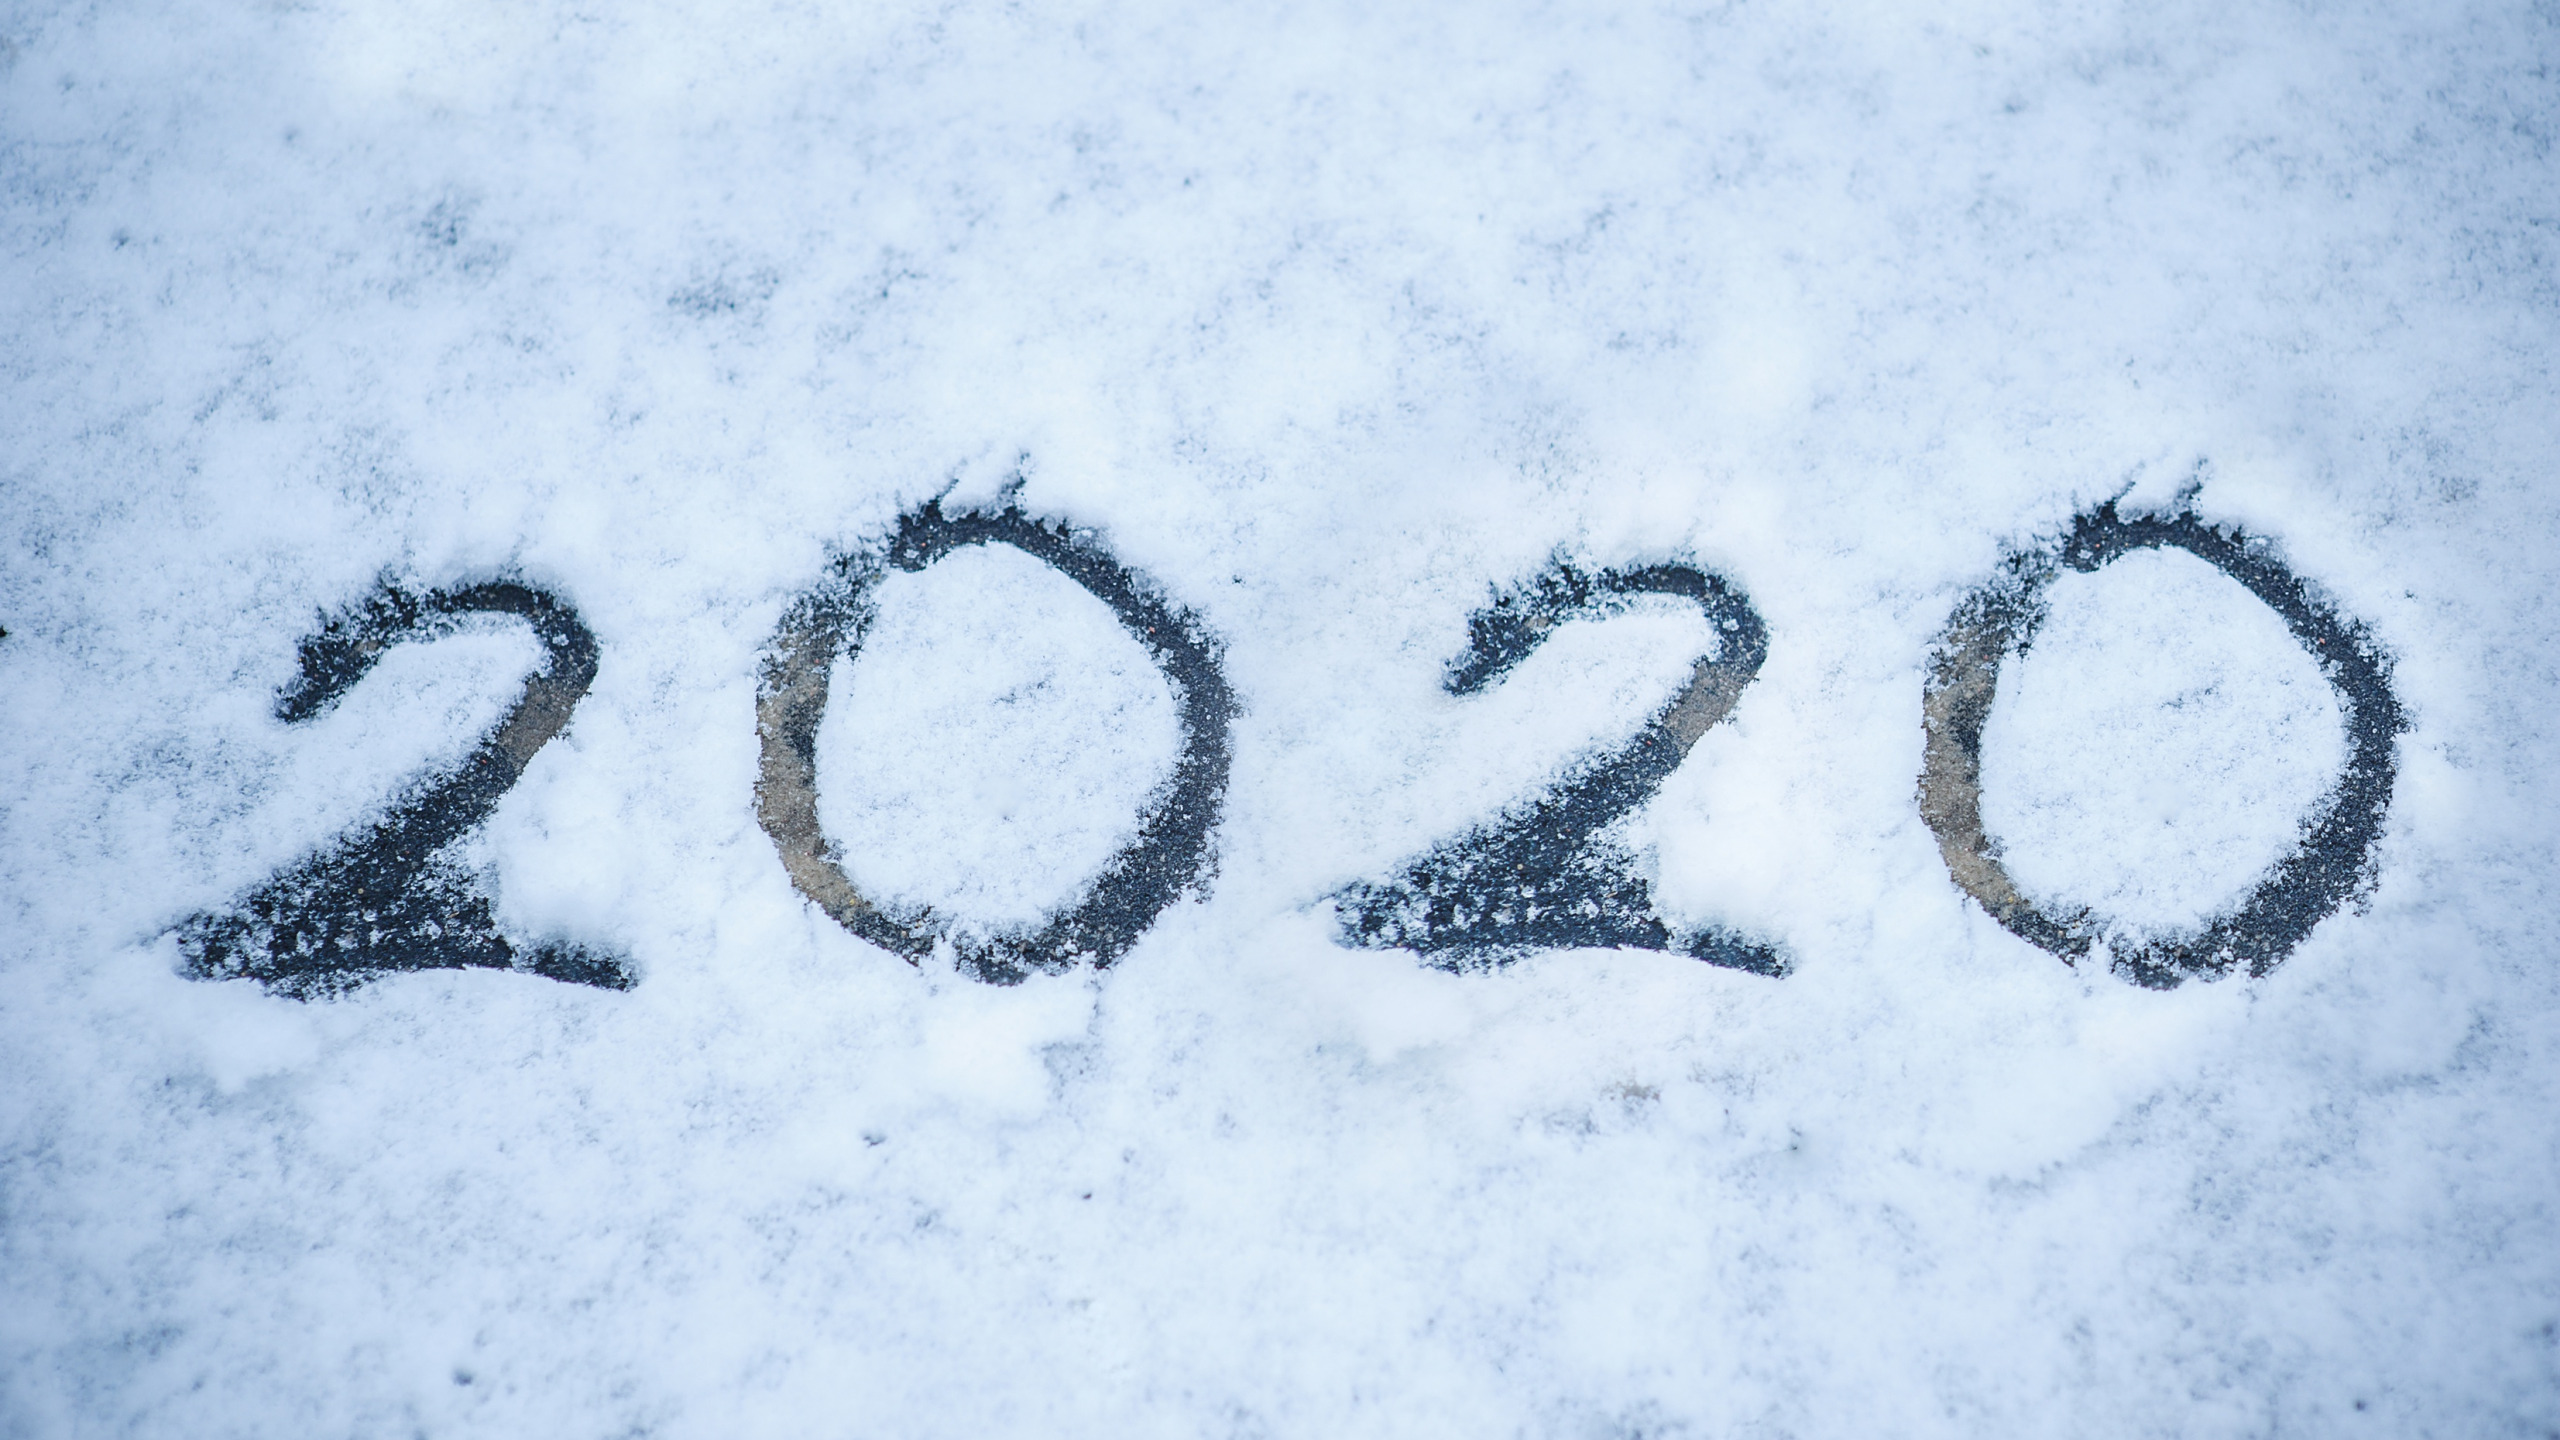 Hình nền năm mới 2020 đơn giản, độc đáo